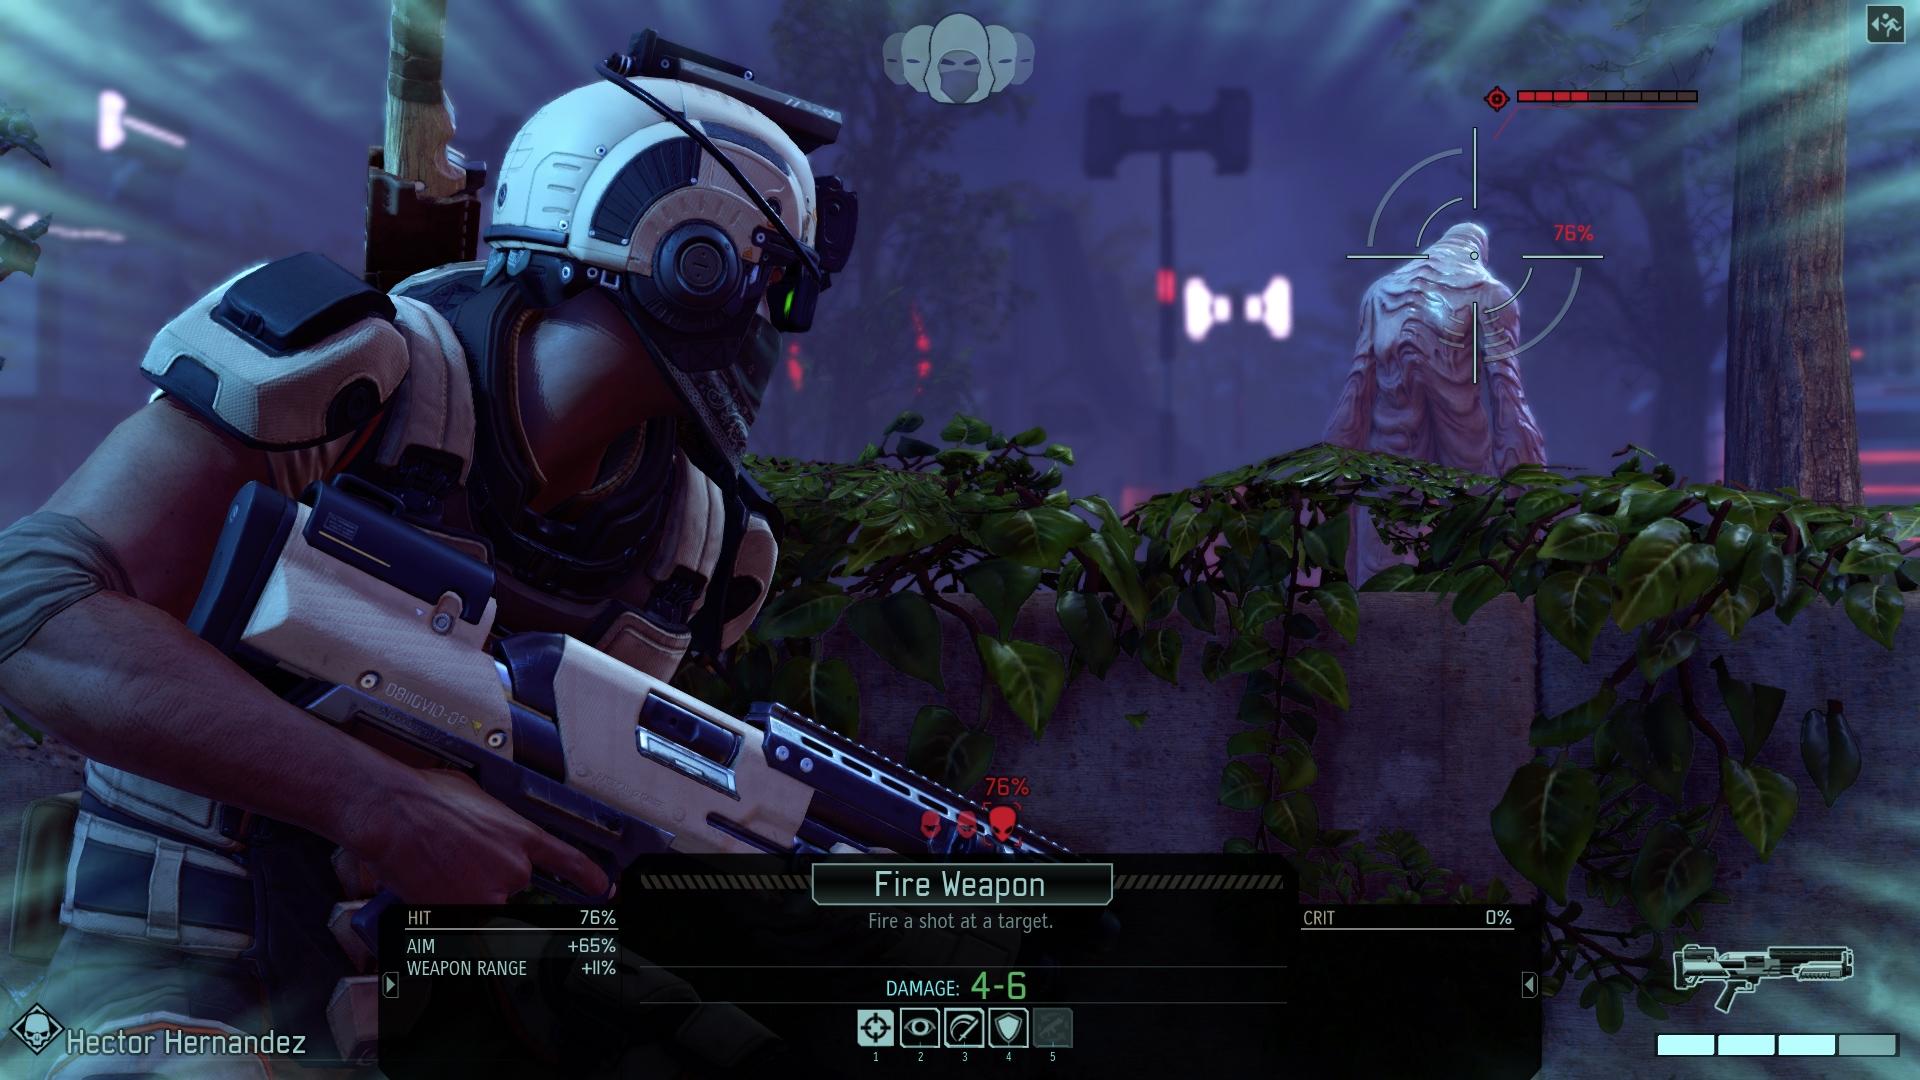 Download XCOM 2 For Ubuntu - Futuristic Action RPG